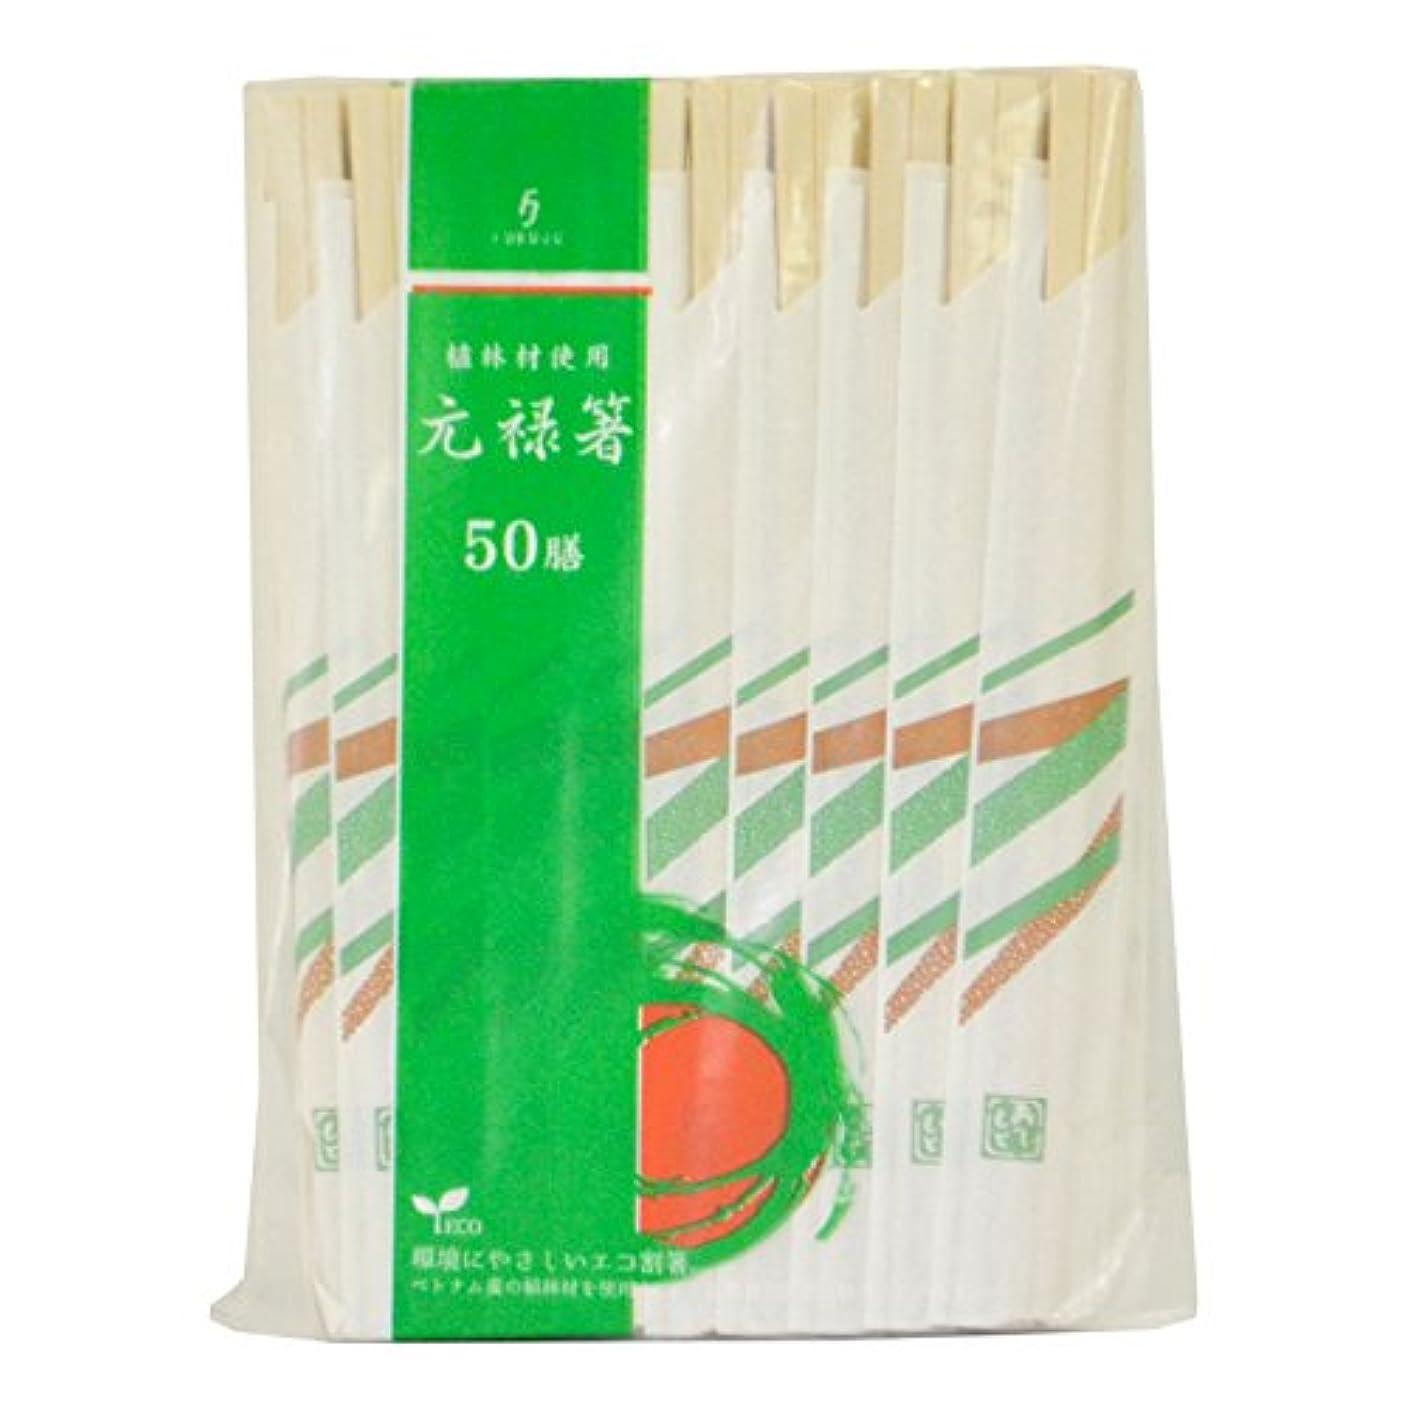 引き受けるバイアスハウジング植林材元禄箸50膳(紙袋入り)